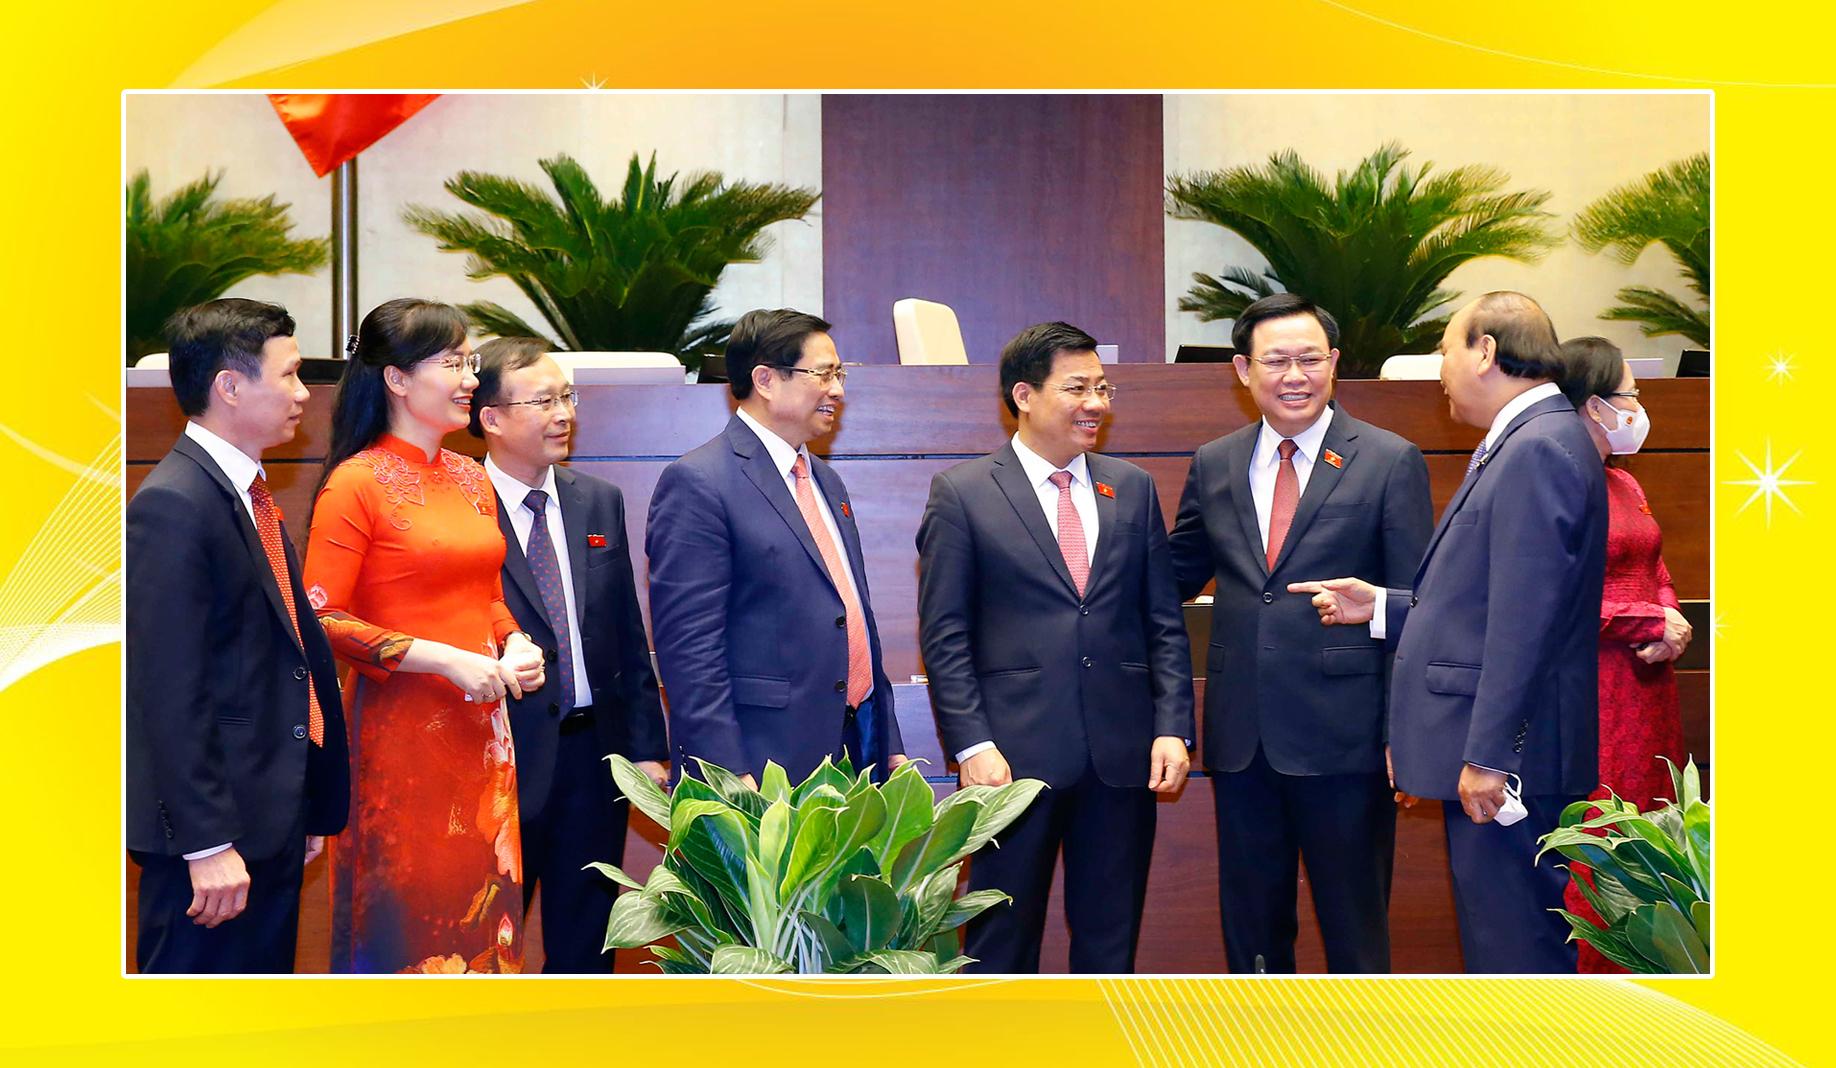 Quốc hội khóa XV, Đoàn Đại biểu Quốc hội, Bắc Giang, Báo Bắc Giang